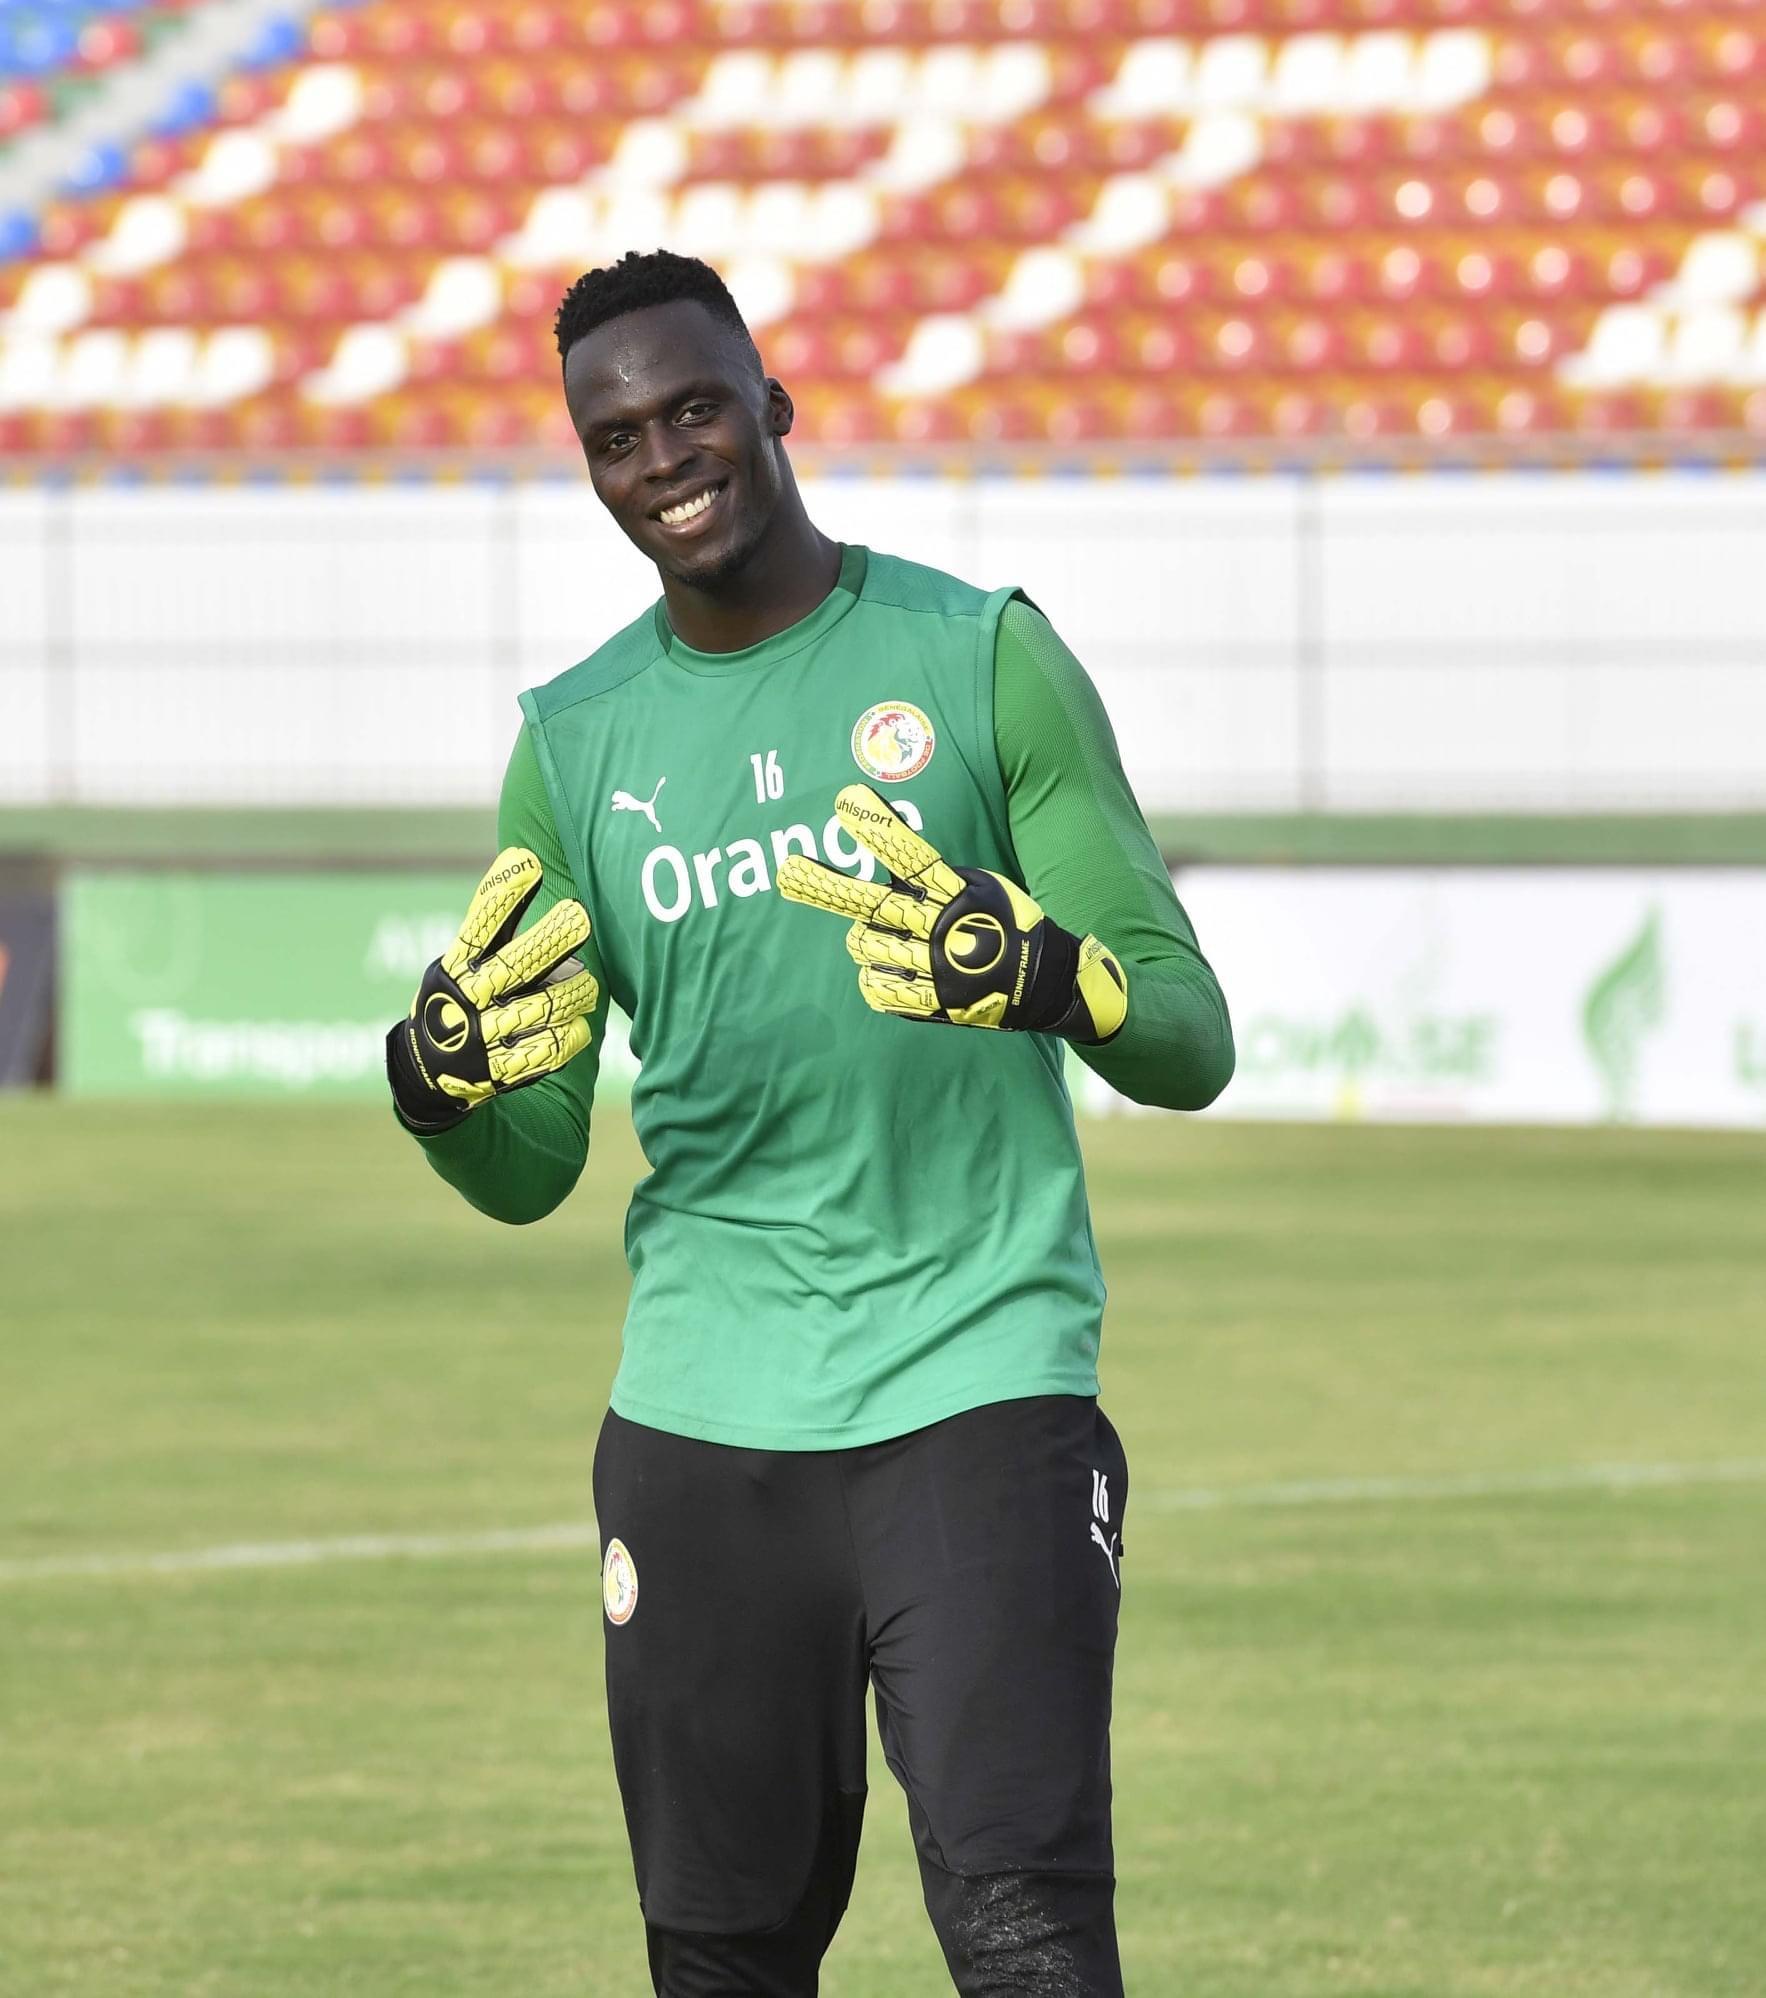 Sénégal - Cap-Vert : Le onze de Cissé avec Édouard Mendy de retour dans la cage des Lions...